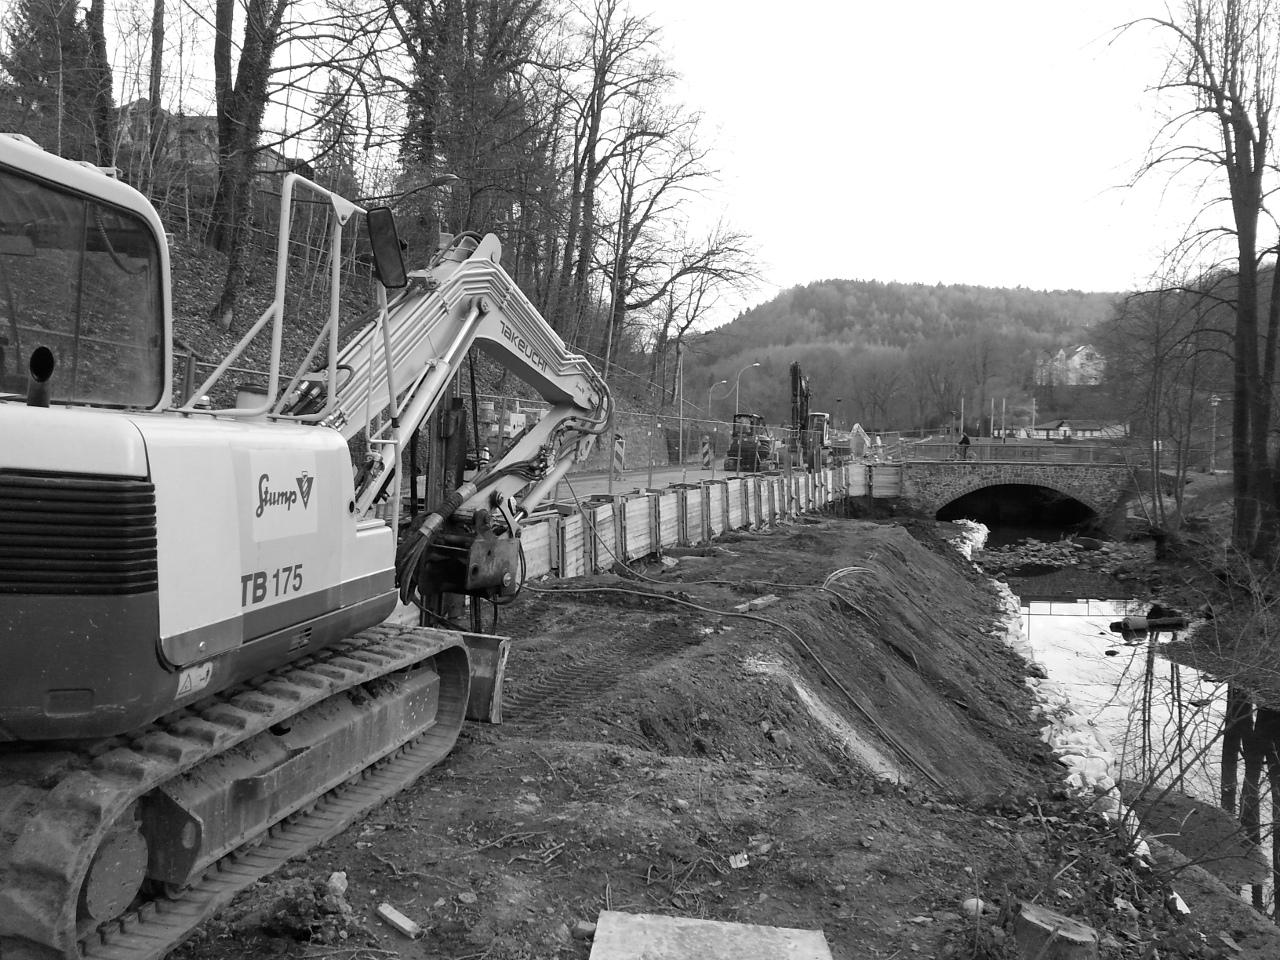 S 32, Ersatzneubau Stützwand BW 14 entlang der Zschopau in Waldheim